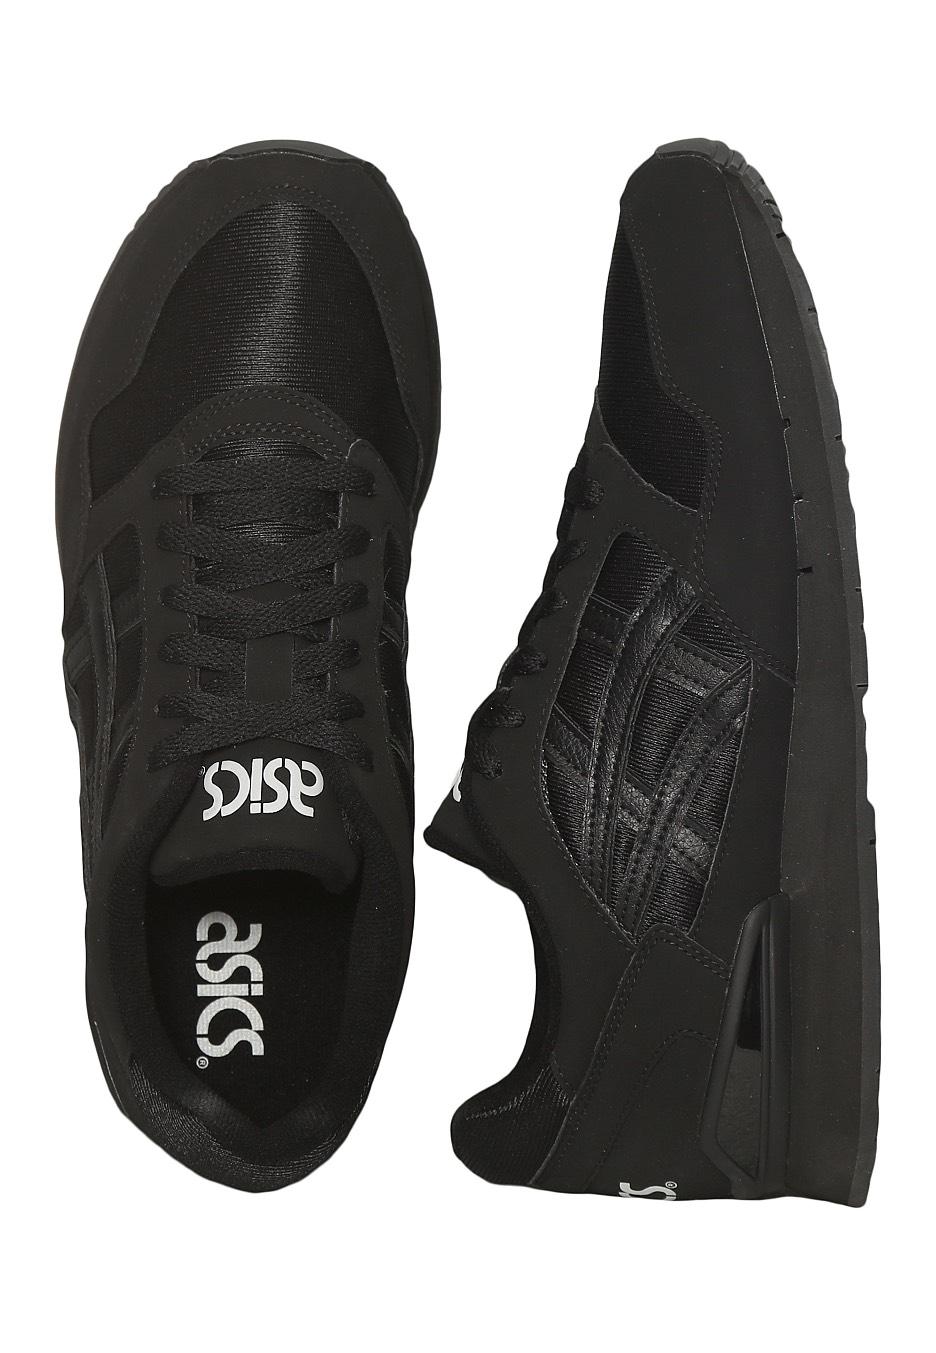 magasin en ligne 73688 eeb0b Asics - Gel-Atlantis Black/Black - Shoes